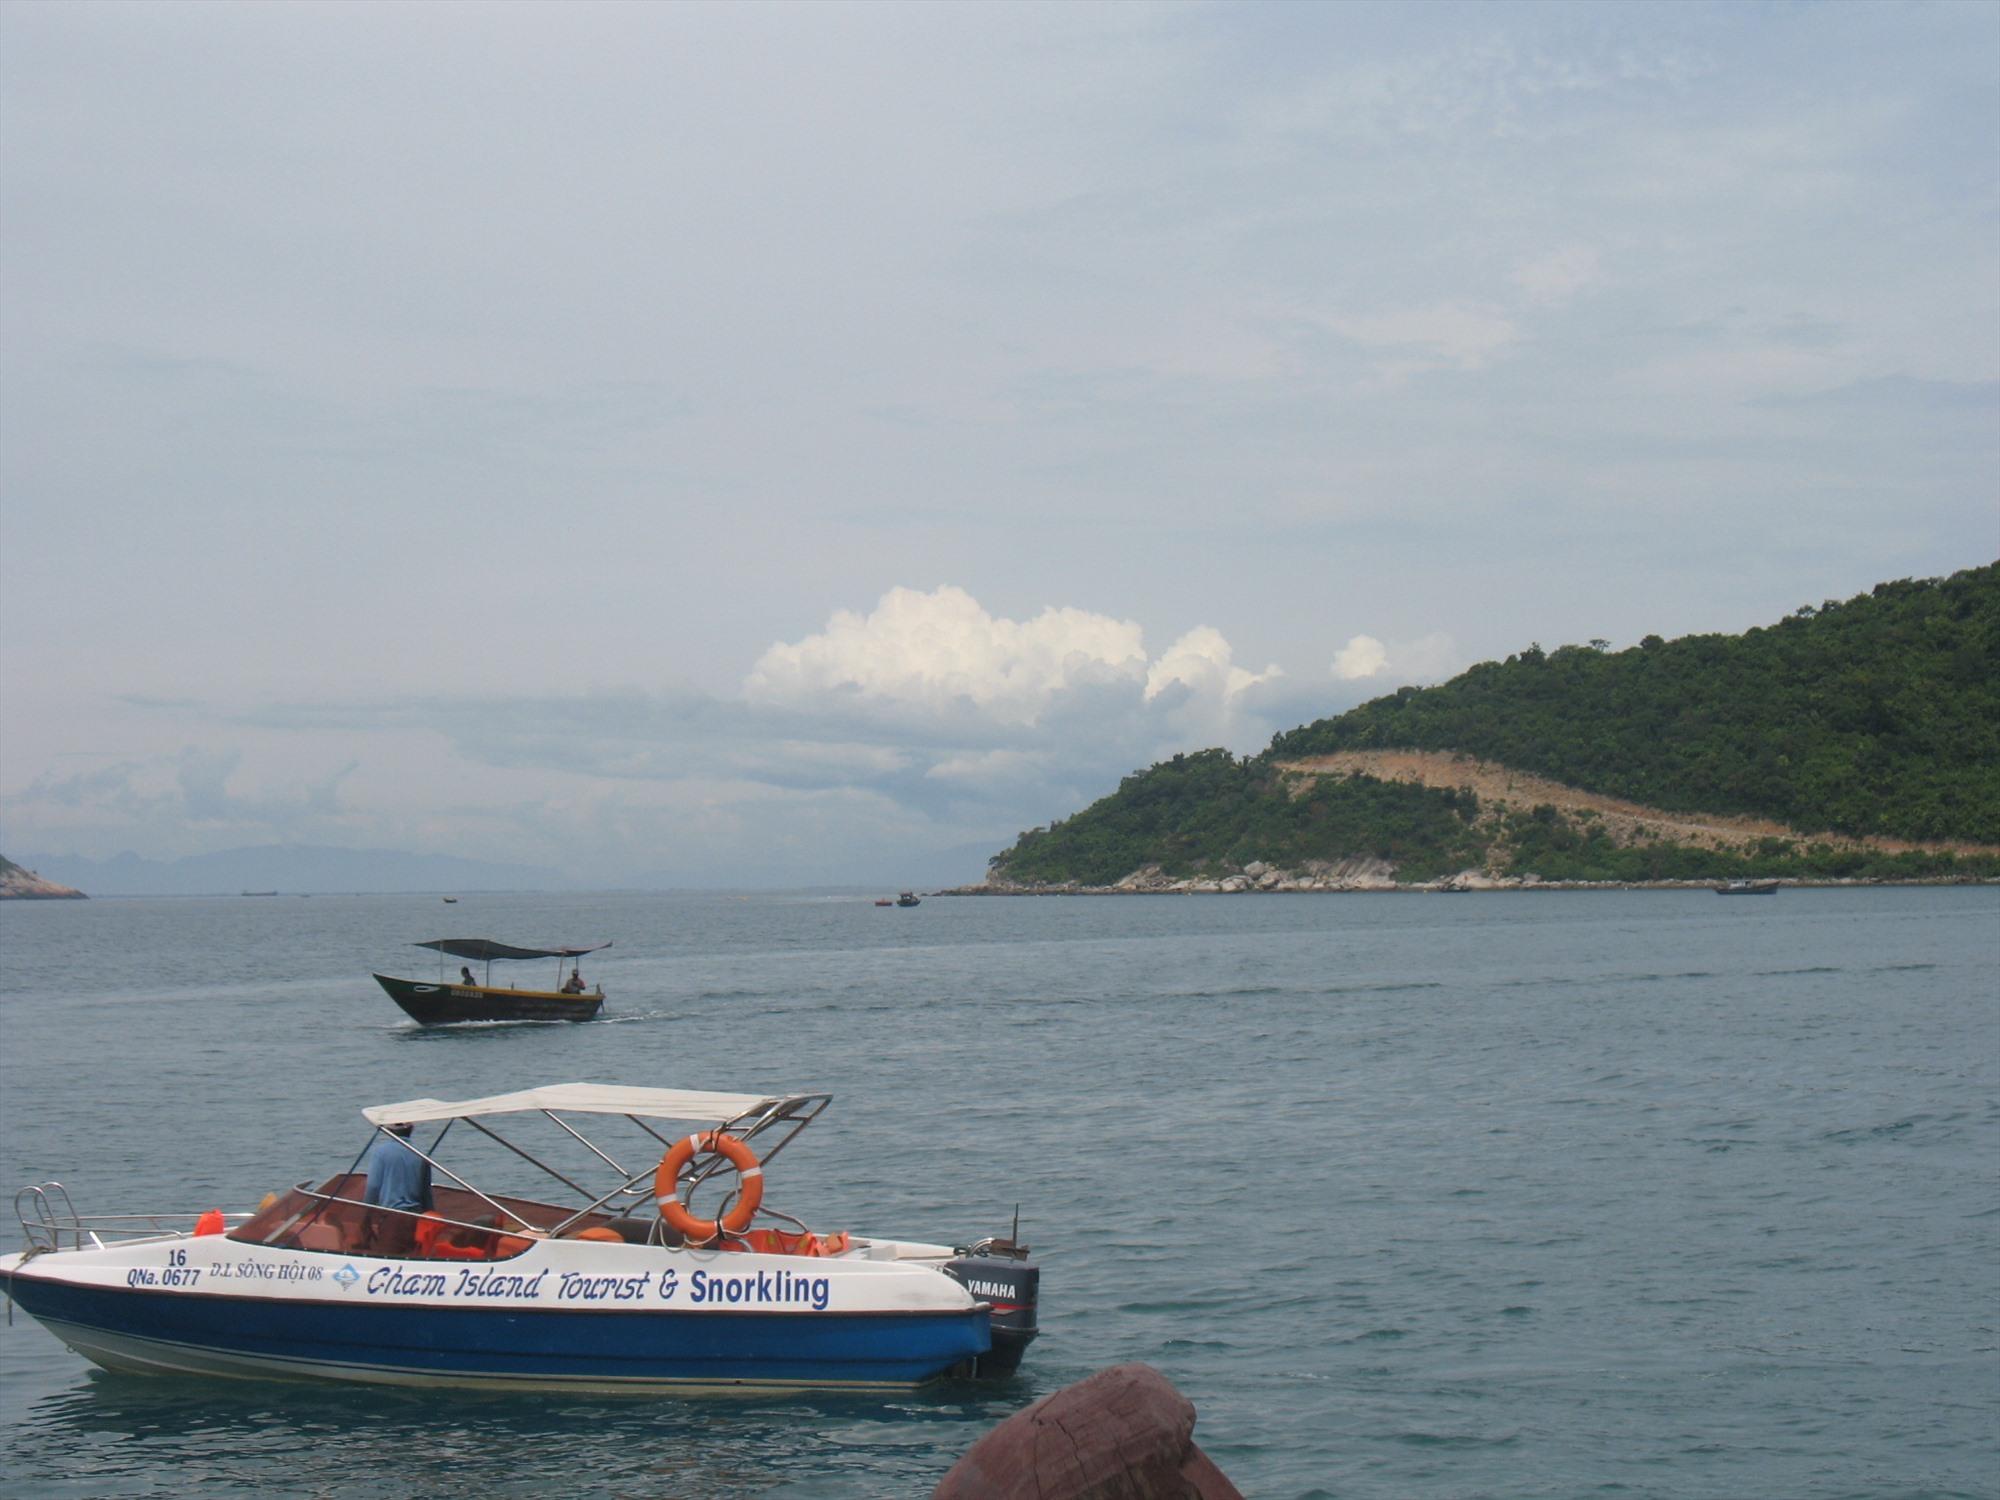 Hàn Quốc tài trợ dự án nhằm quản lý và phát triển nguồn lợi thủy hải sản ven bờ tại xã đảo Tân Hiệp (Cù Lao Chàm). Ảnh: C.N